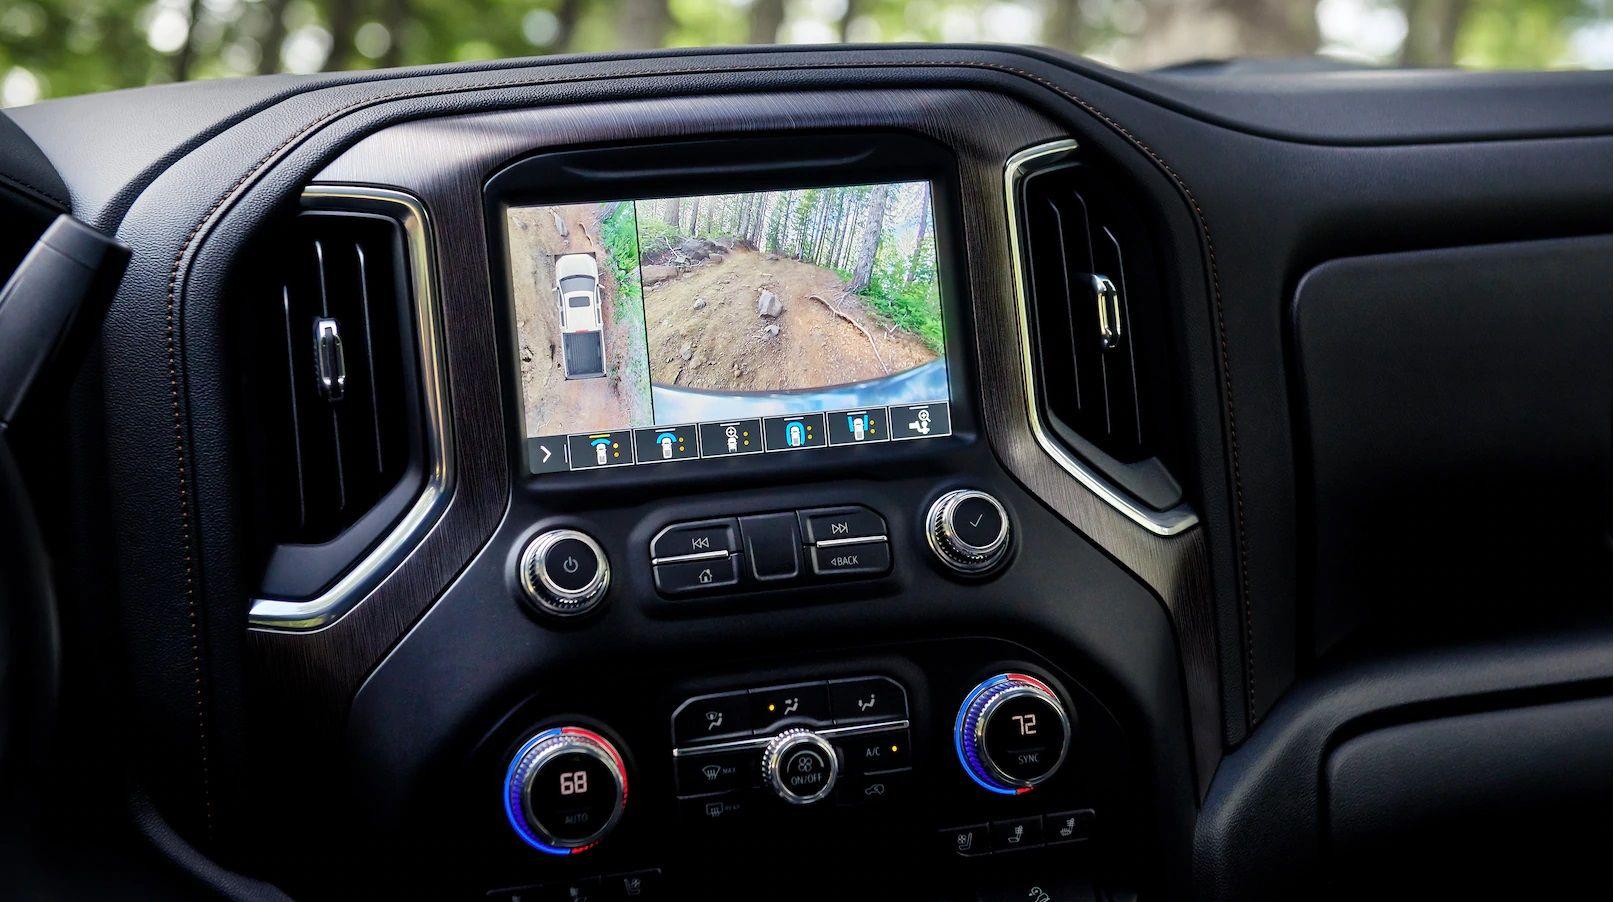 Rear View Camera in the 2019 Sierra 1500